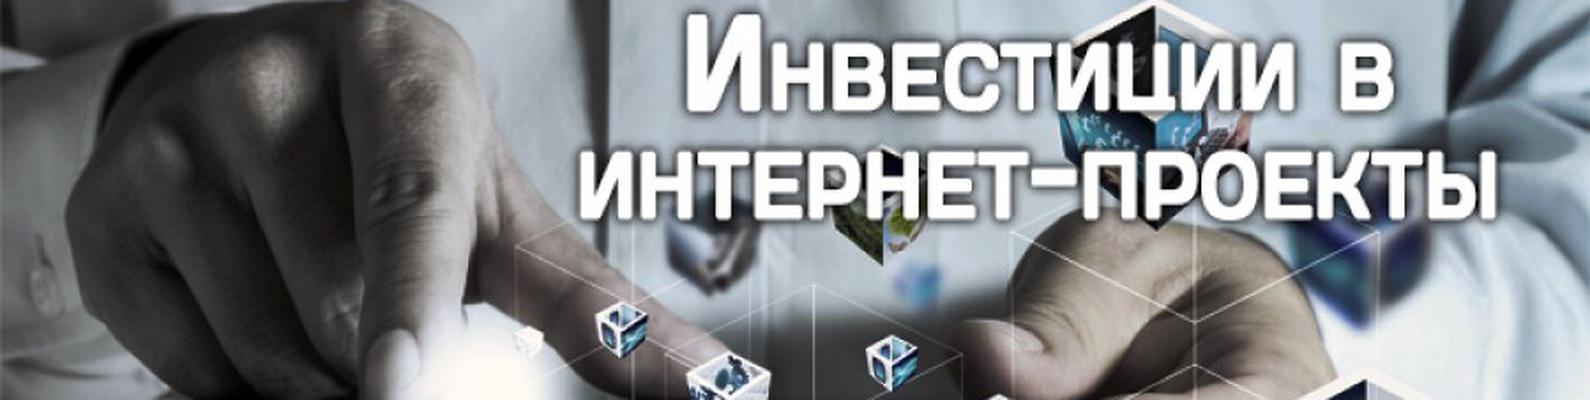 Мониторинг хайп проектов отзывы